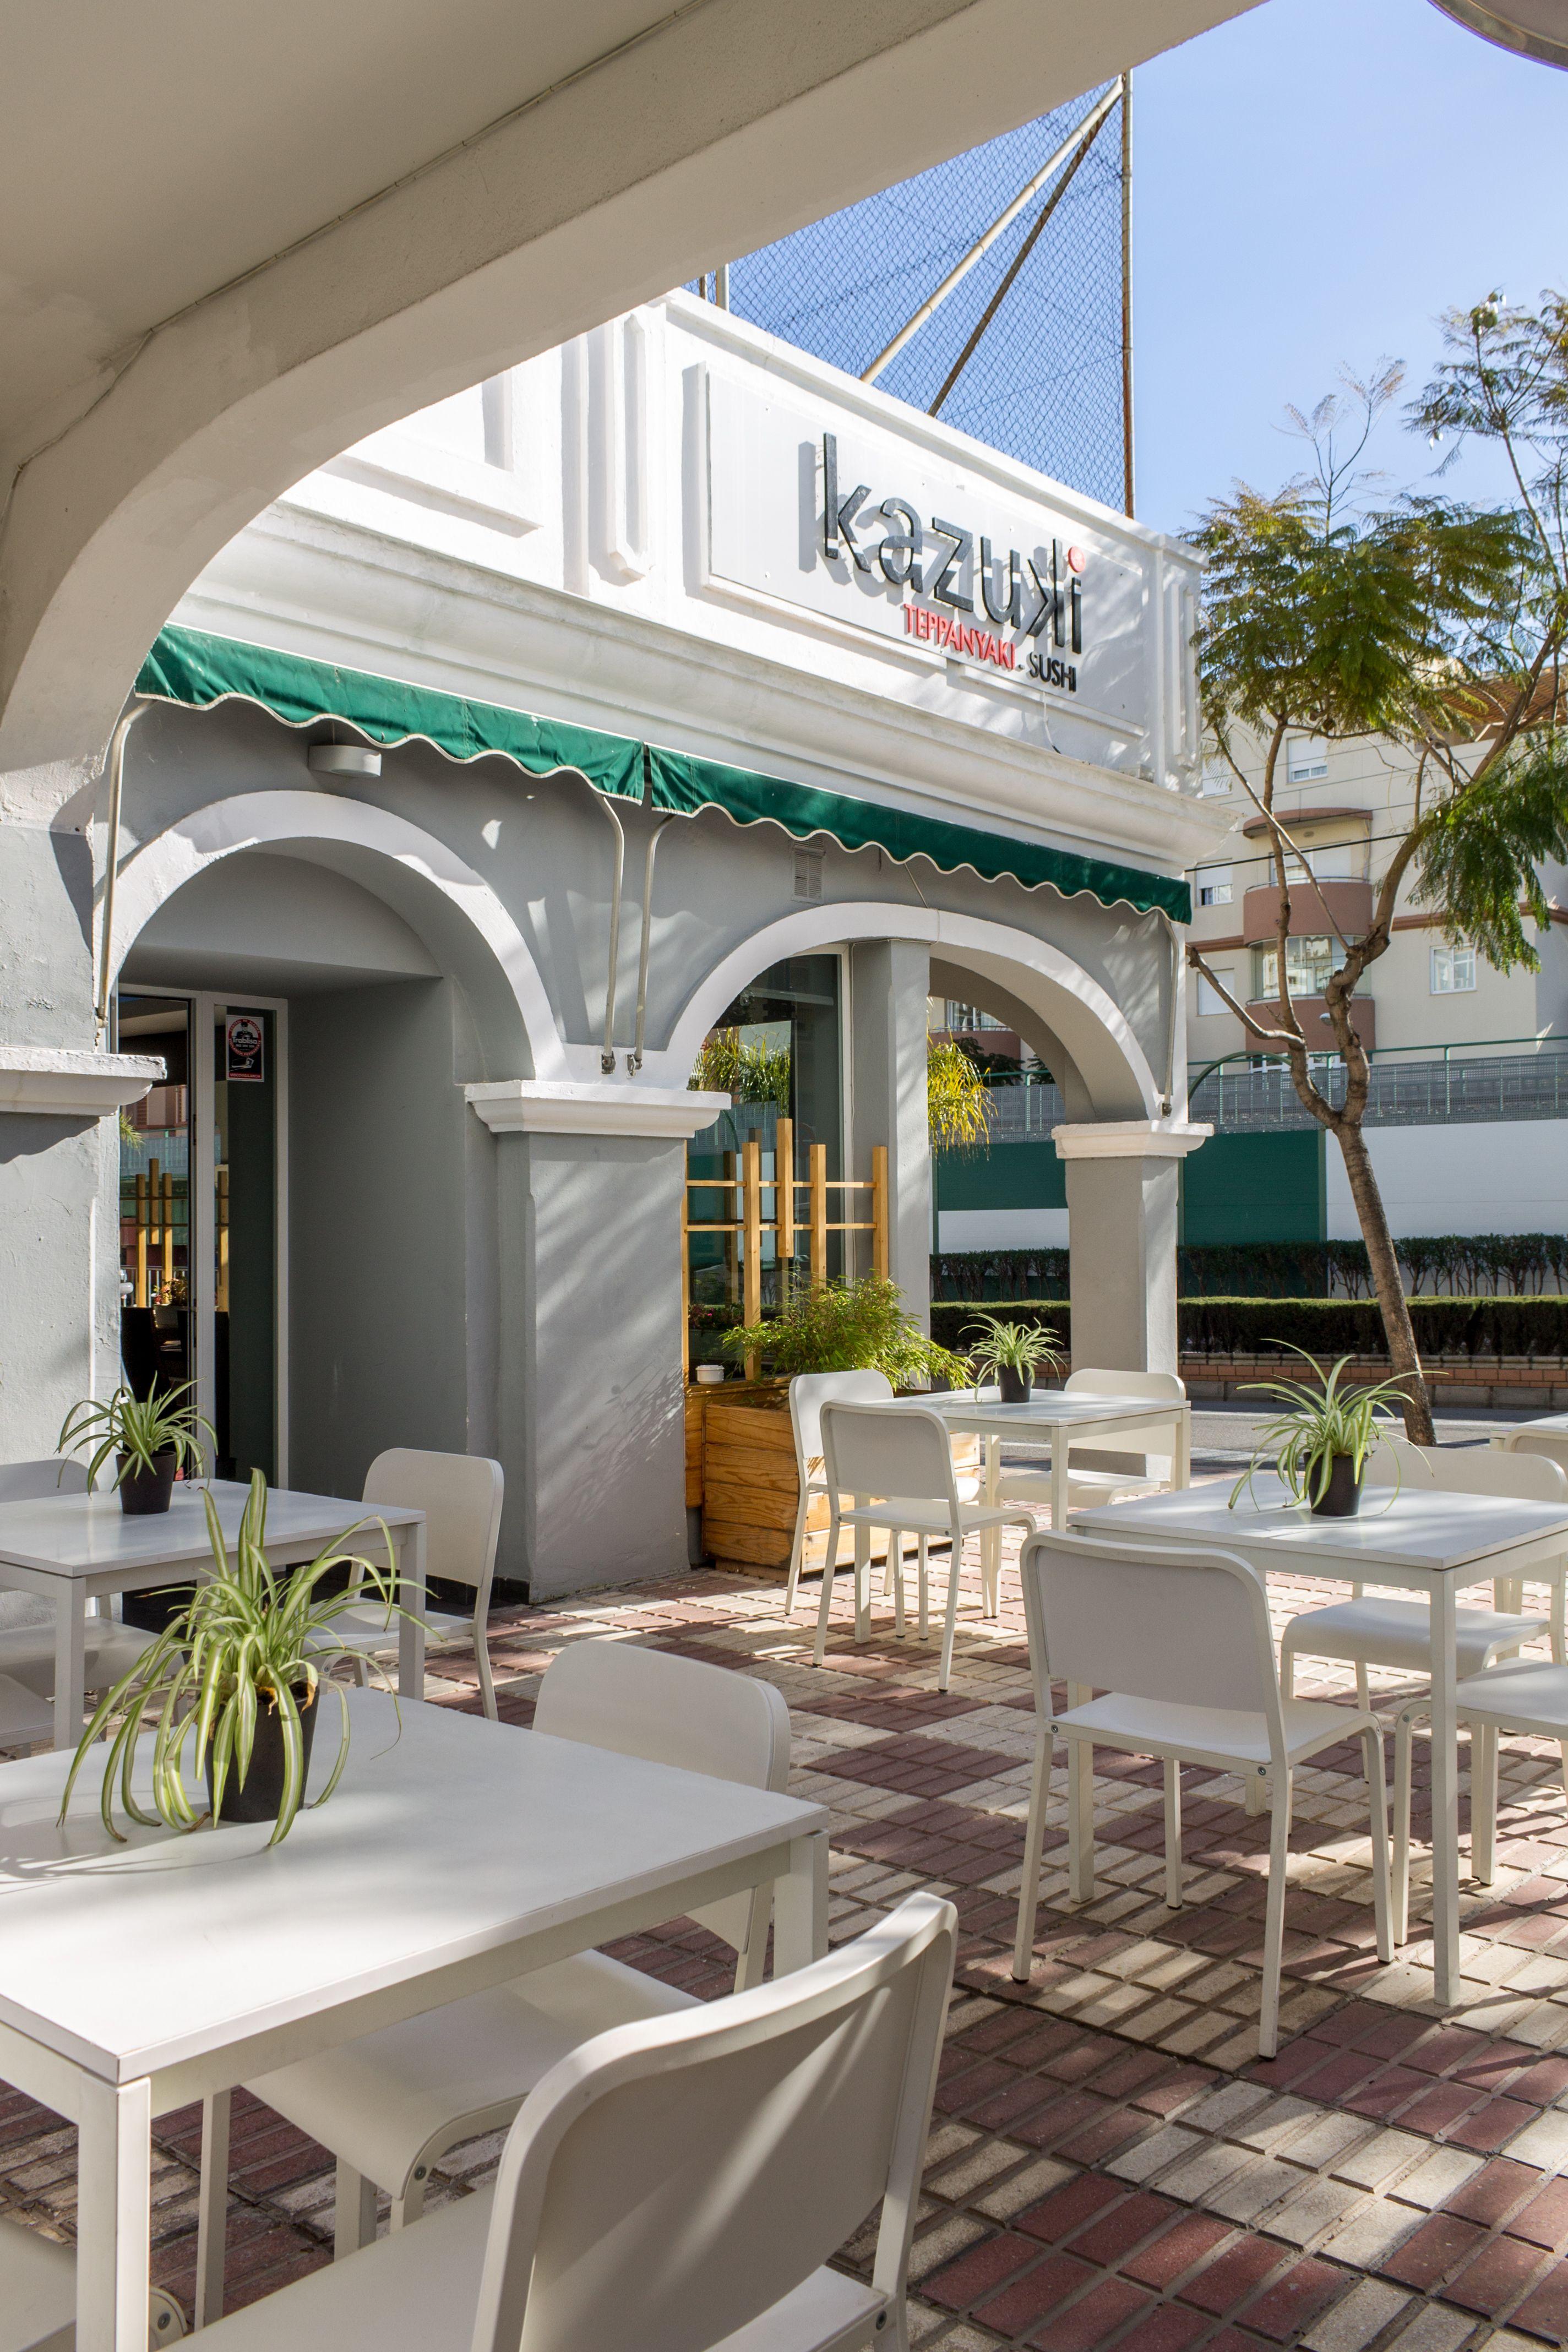 Foto 9 de Cocina japonesa en Fuengirola | Restaurante Teppanyaki Kazuki